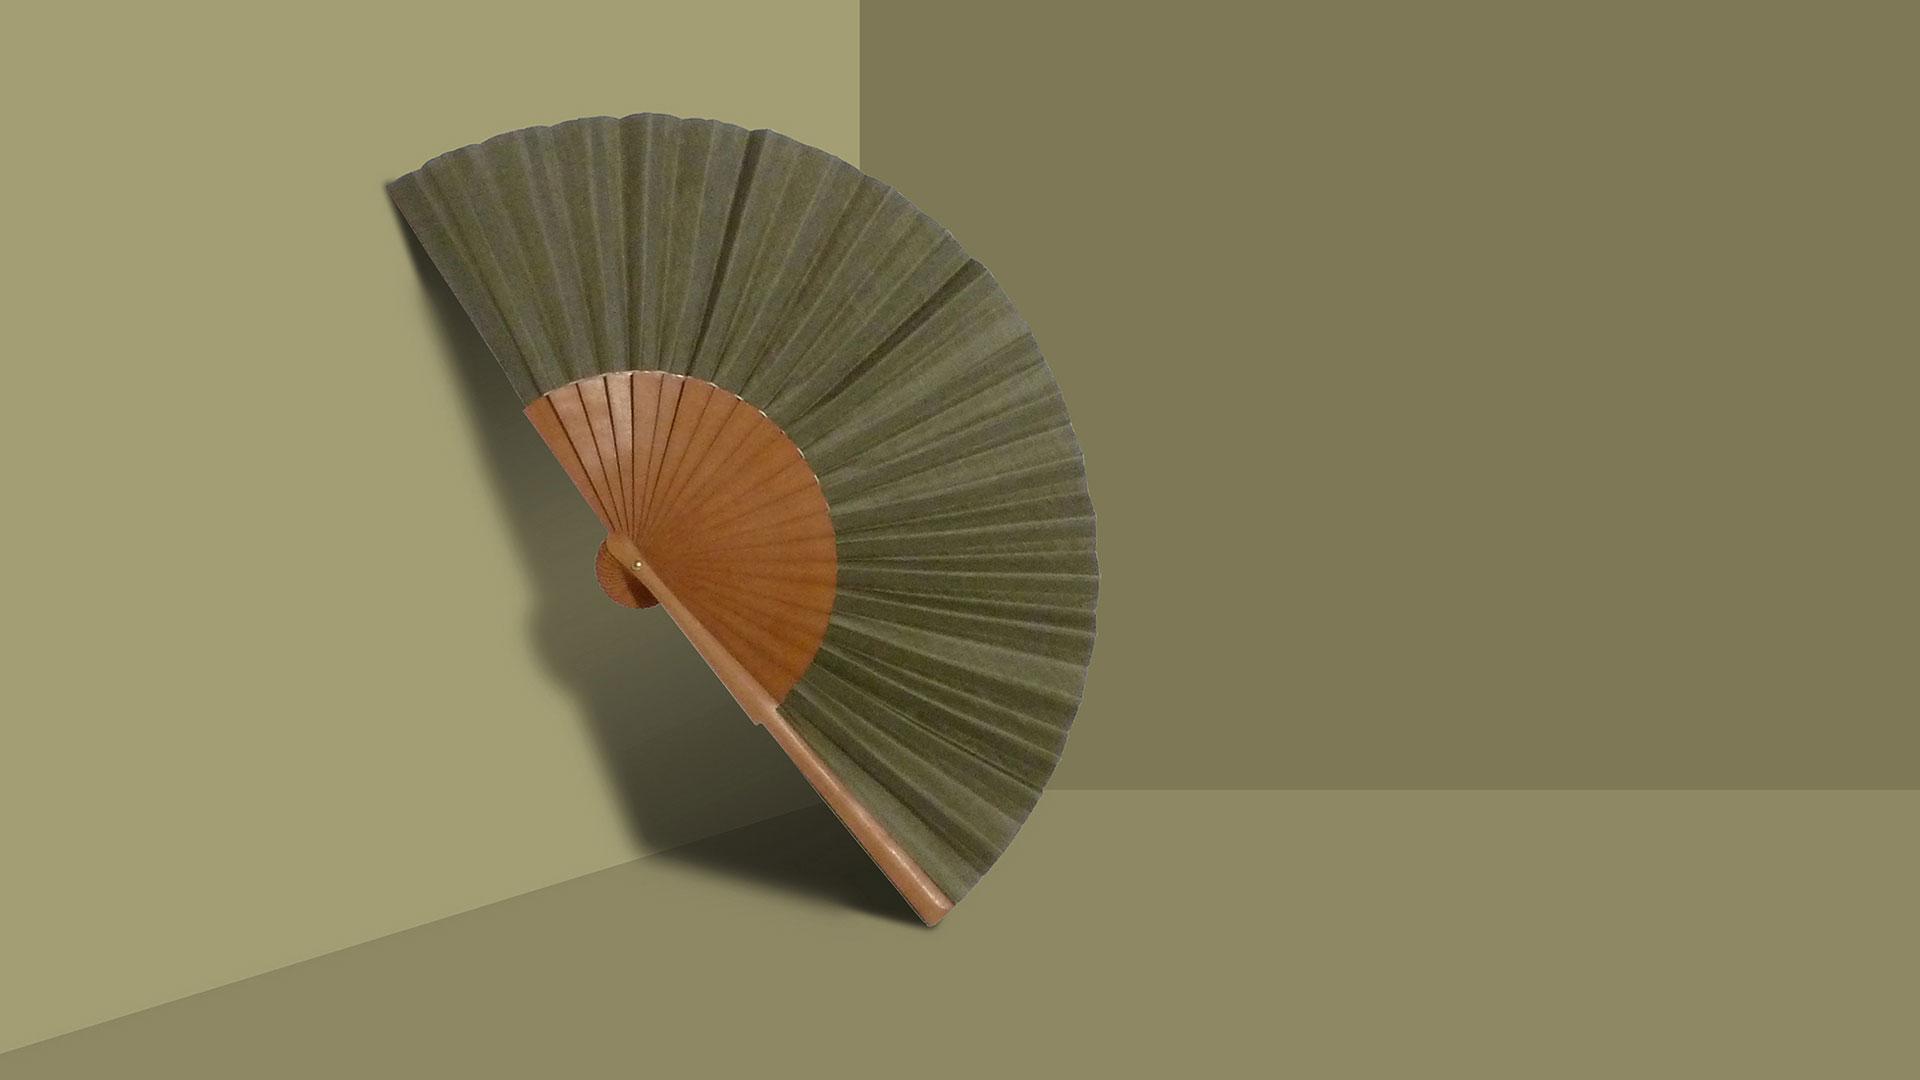 Pleat Brand hand fan in olive.